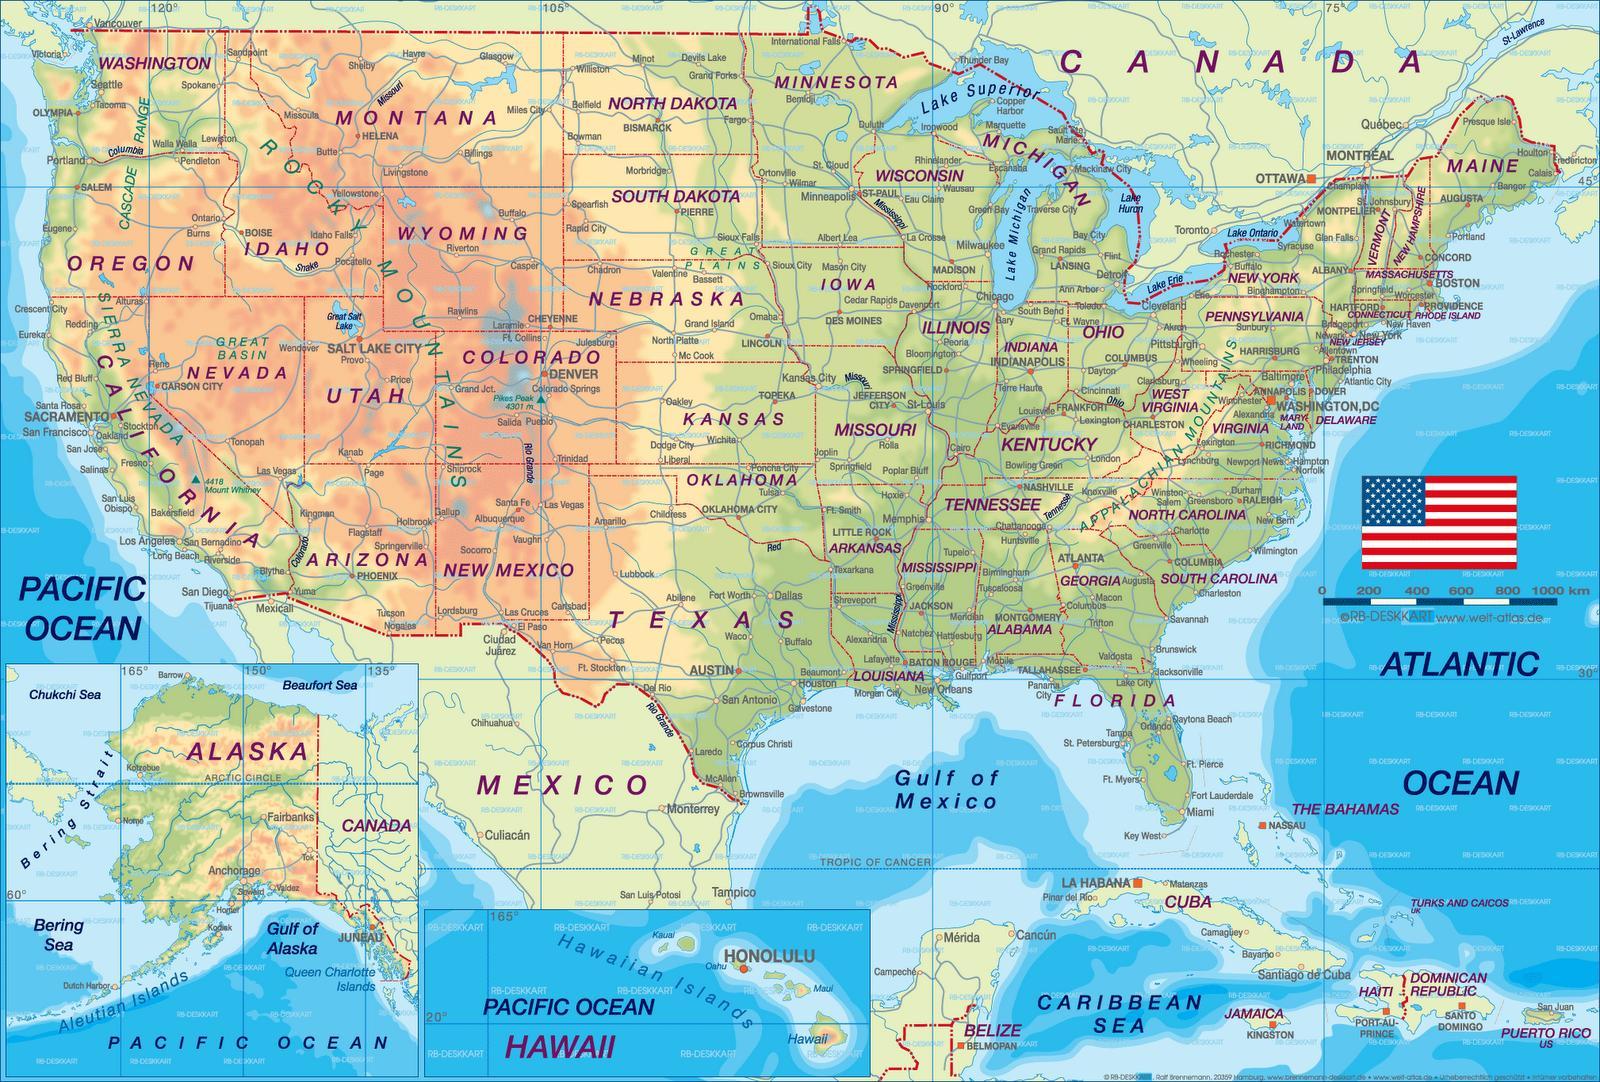 Amerika Gradovi Karta.Karta Za Voznju I Gradova Karta Sad Sa Gradovima Sjeverna Amerika